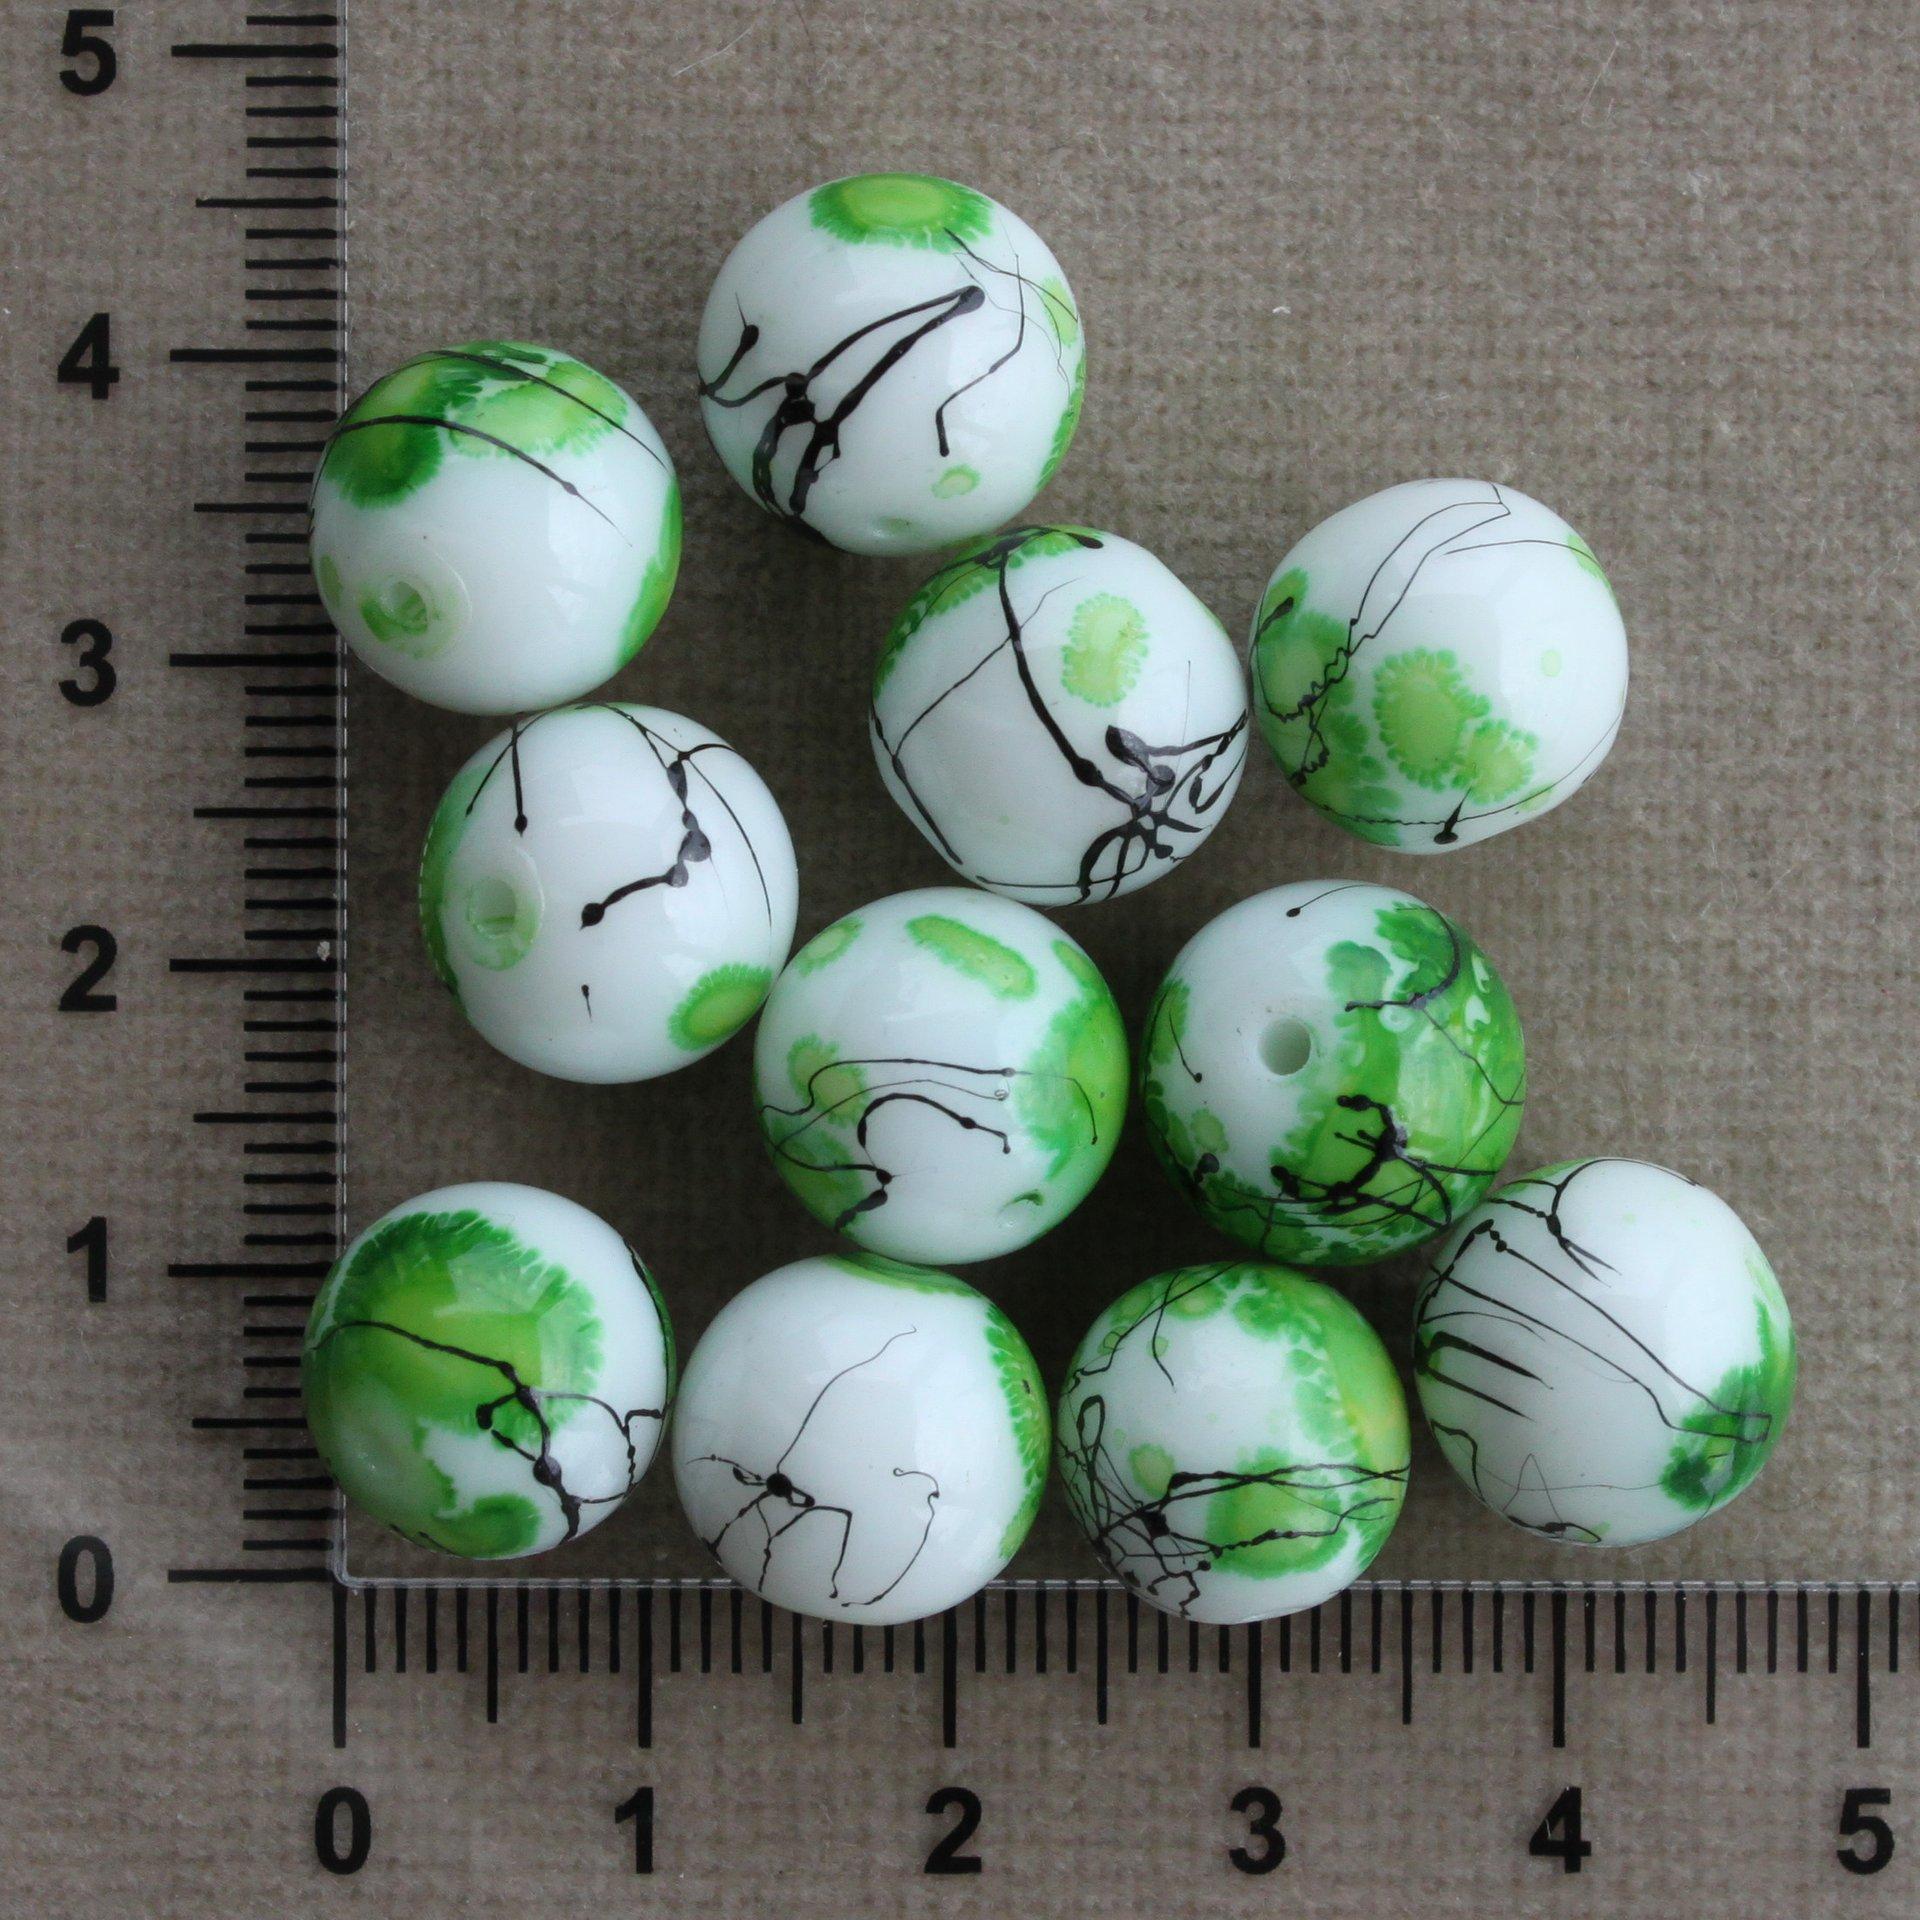 Kuličky - zeleno-černý motiv  12 mm bílá/zelená/černá kulička keramika 12 mm 1,5 mm